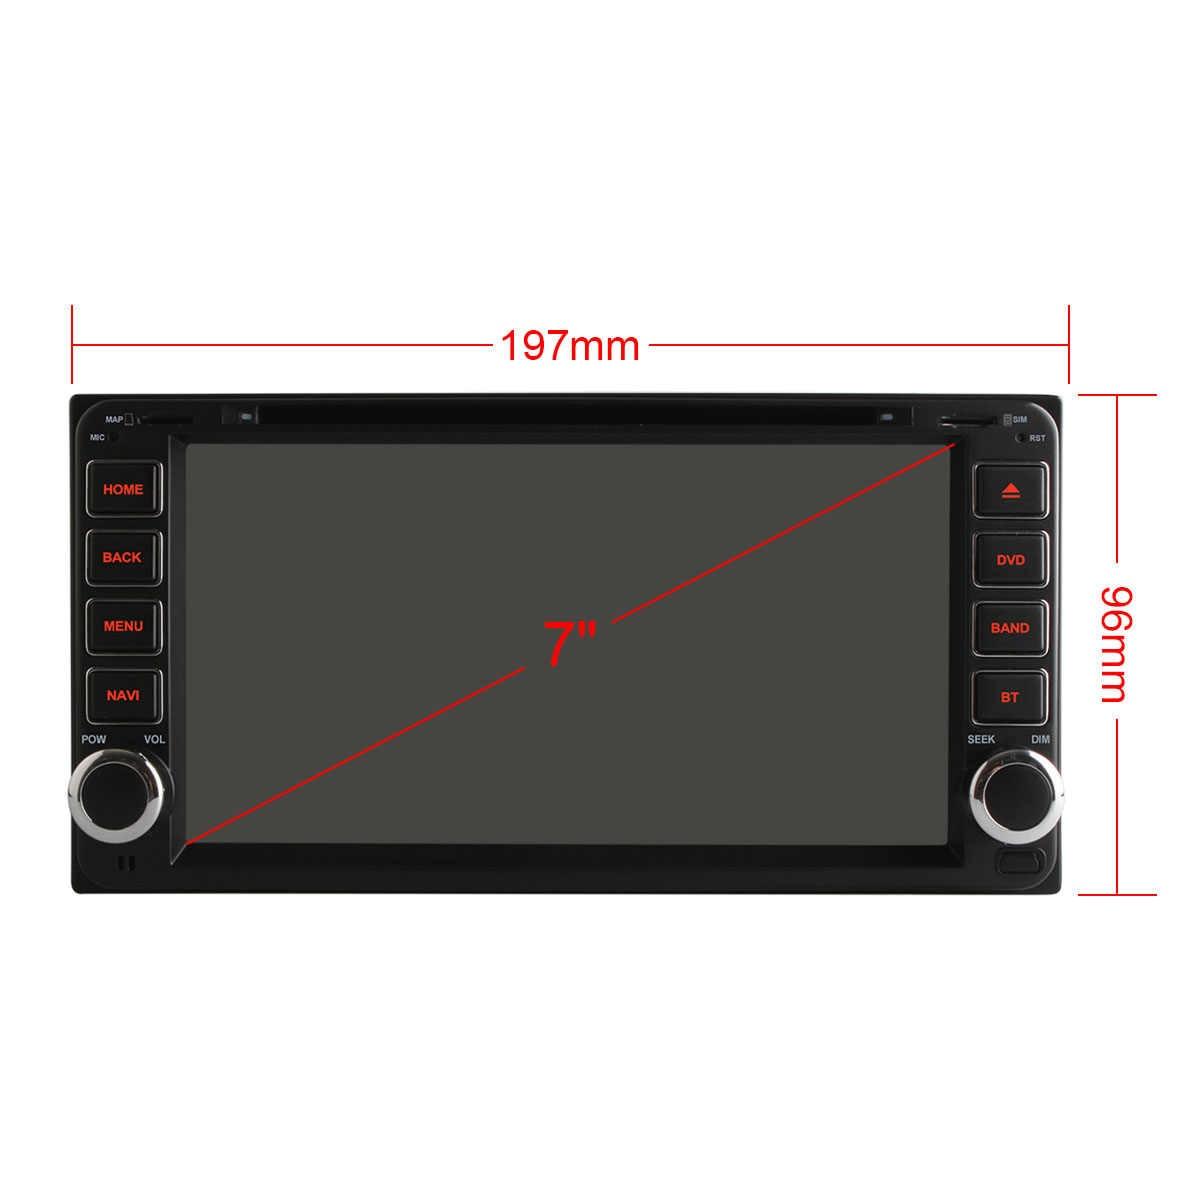 Ownice Android 6,0 Octa 8 Core автомобильный DVD плеер с gps-навигатором для Toyota RAV4 2004-2008 4 ядра Радио Стерео Поддержка сеть 4G LTE